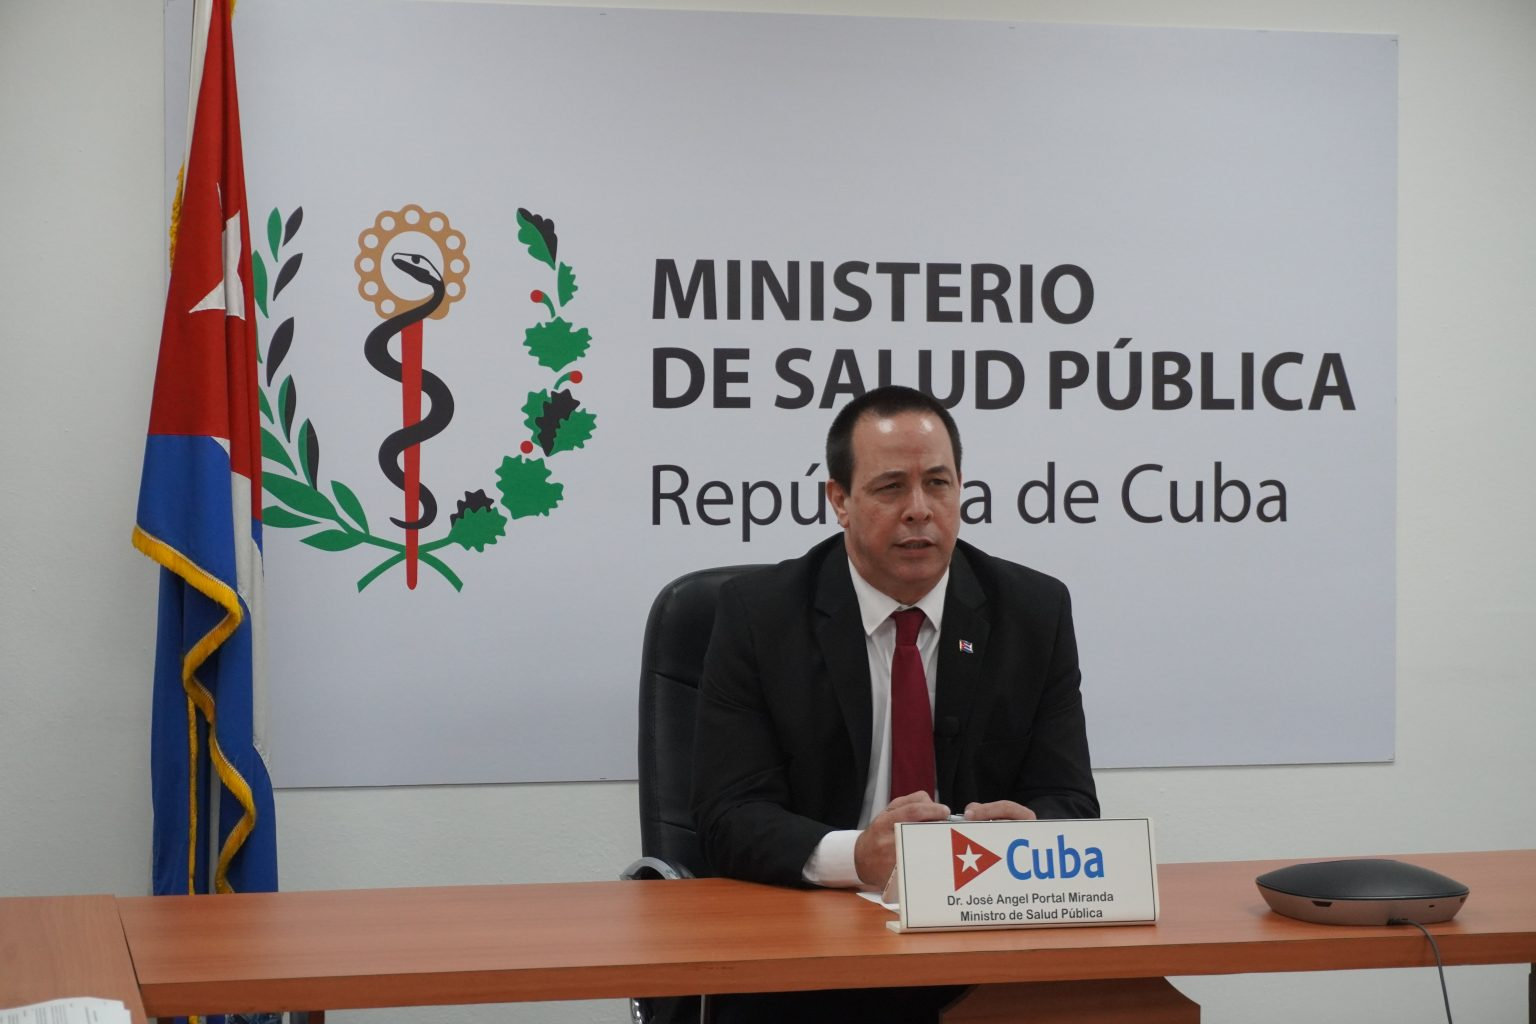 Reitera Cuba disposición a cooperar y compartir experiencias en enfrentamiento a la Covid-19